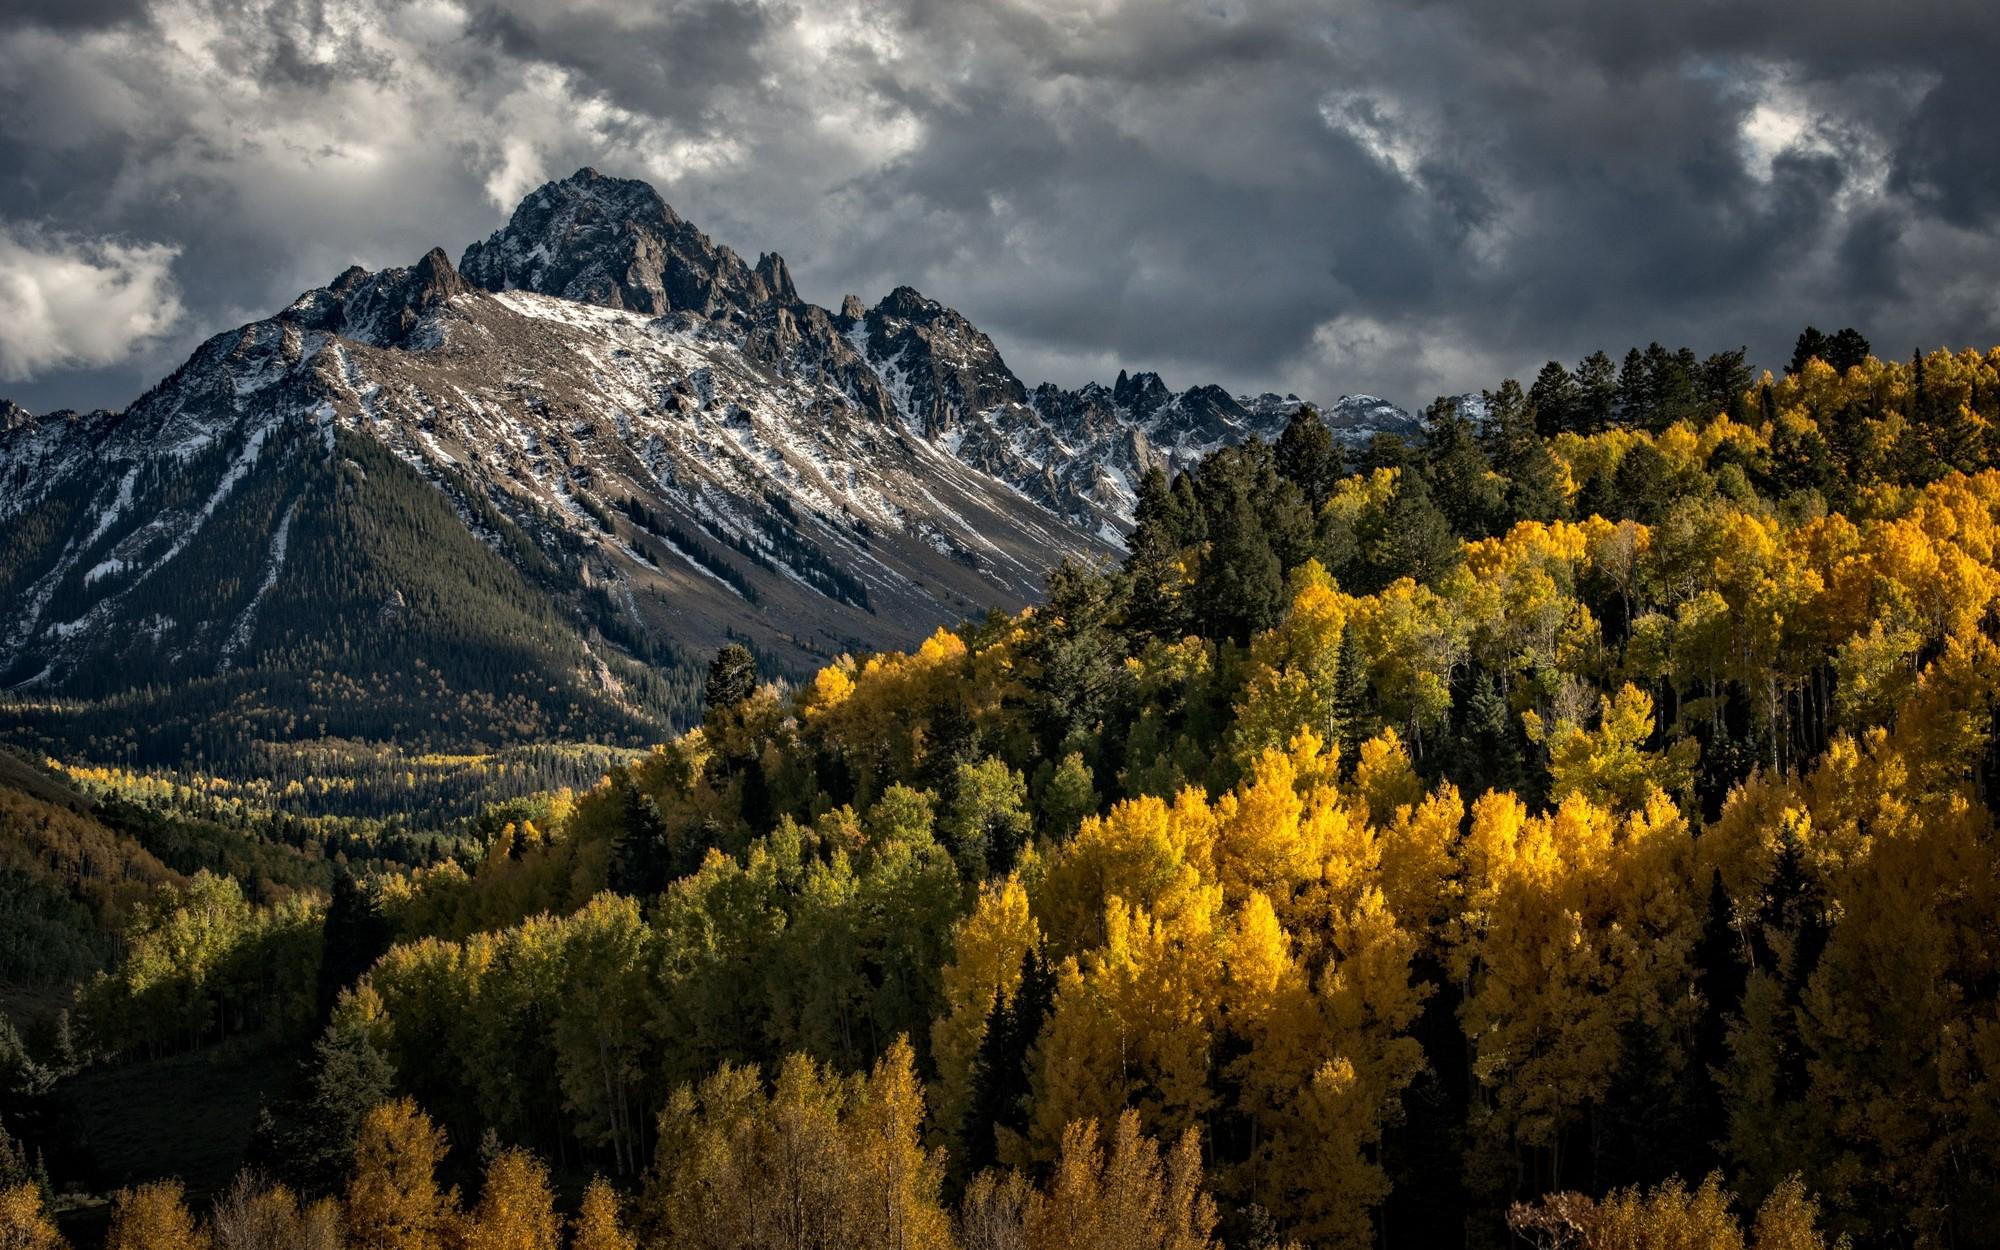 главное фото картинки природа в горах осень медленнее